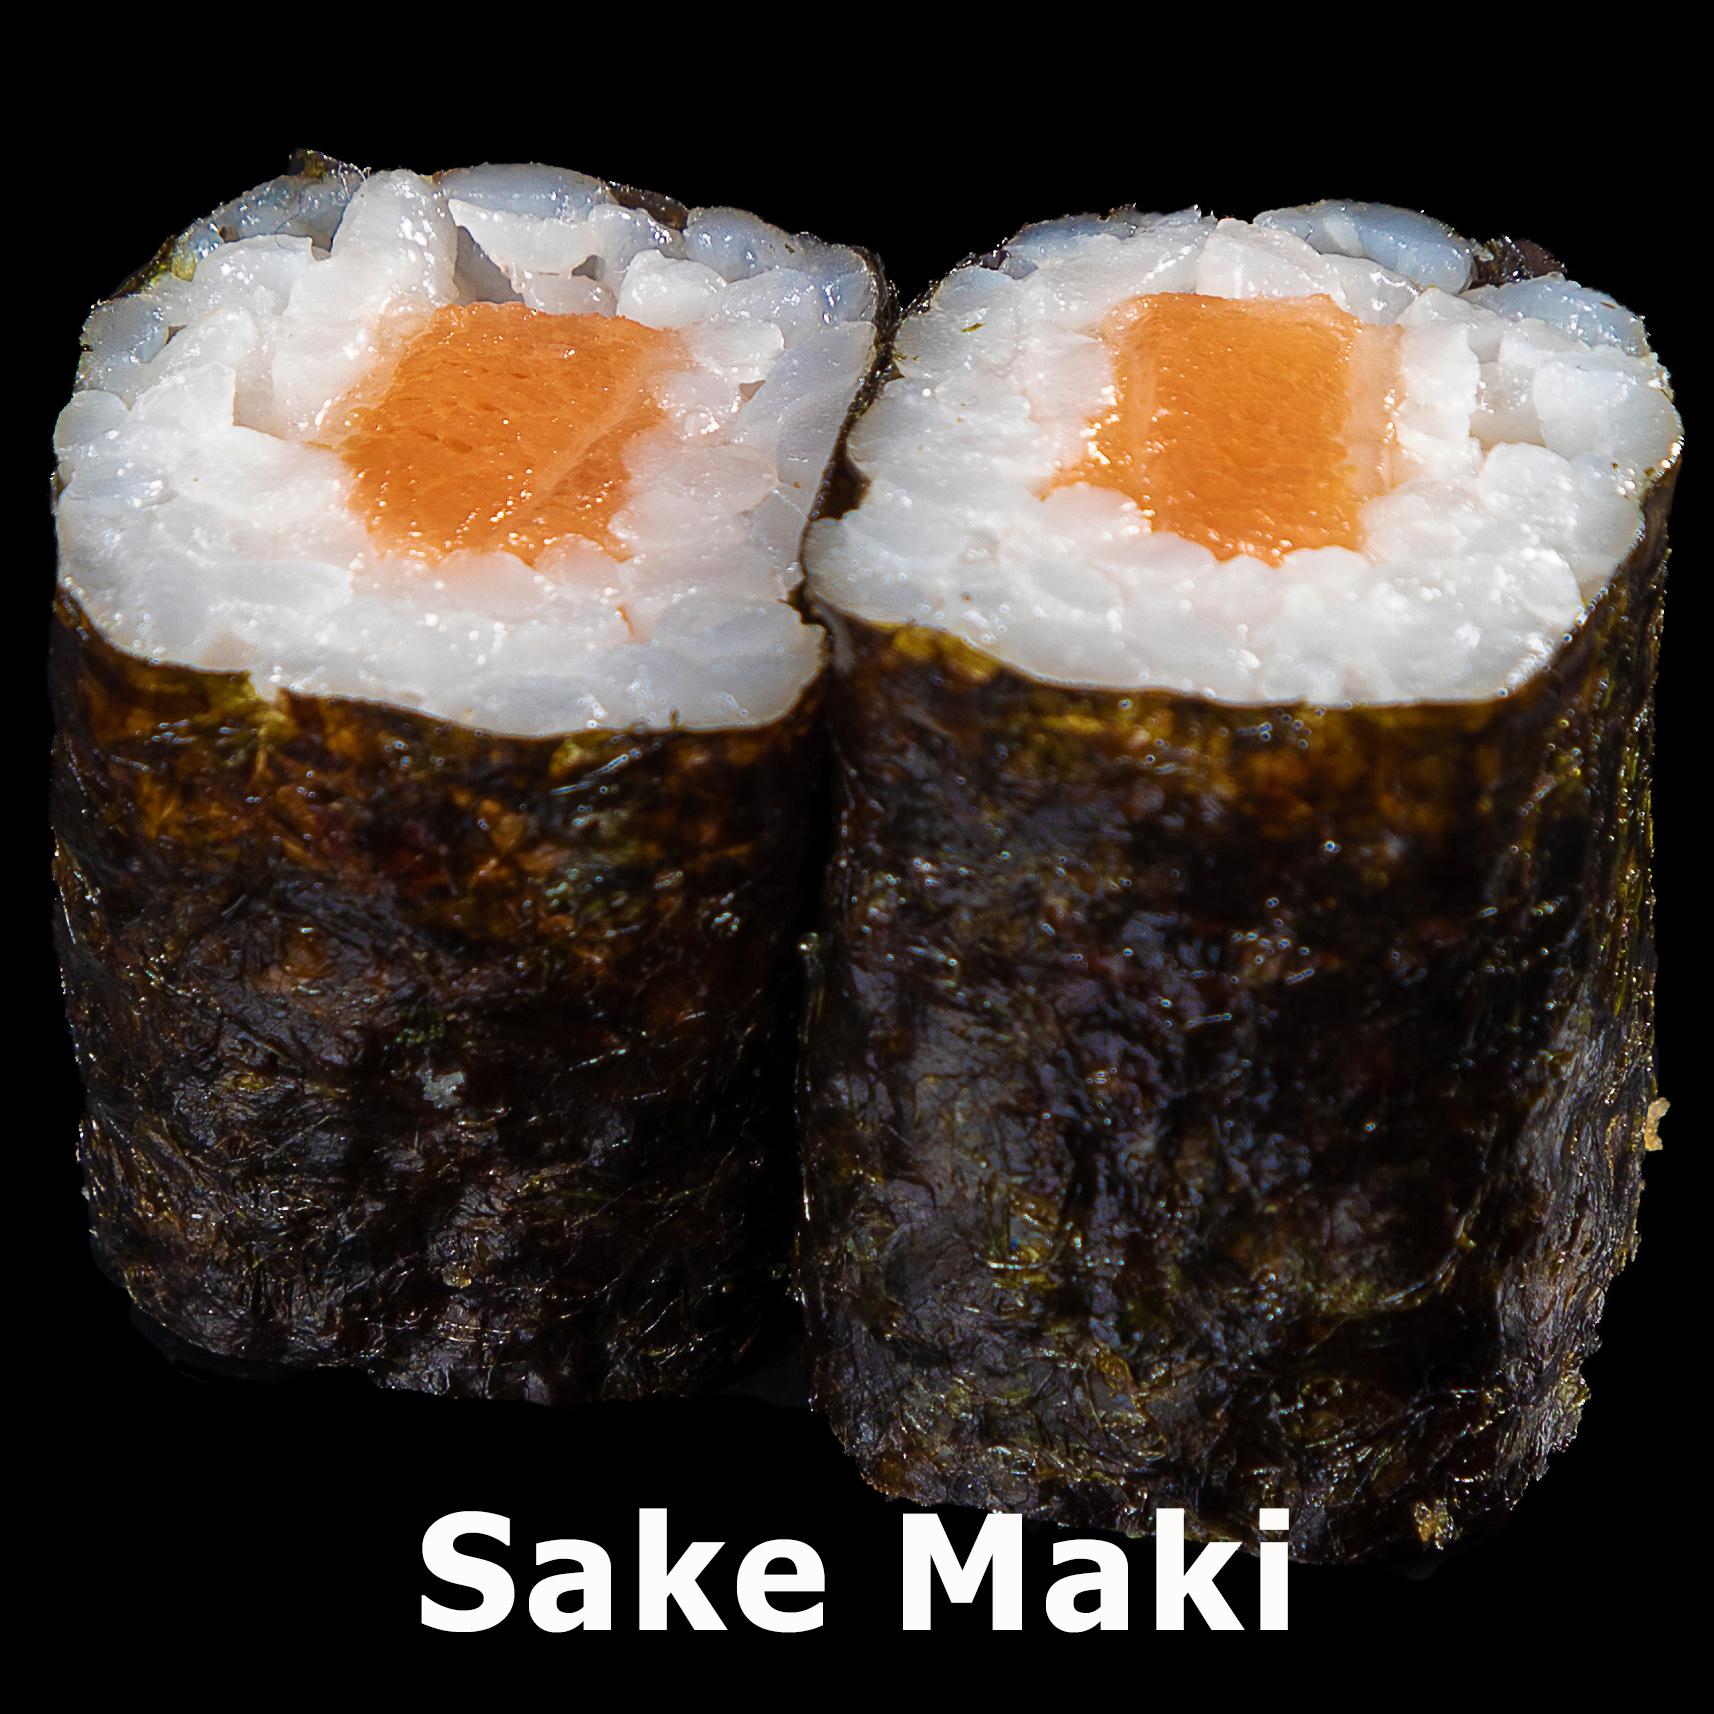 24. Sake Maki